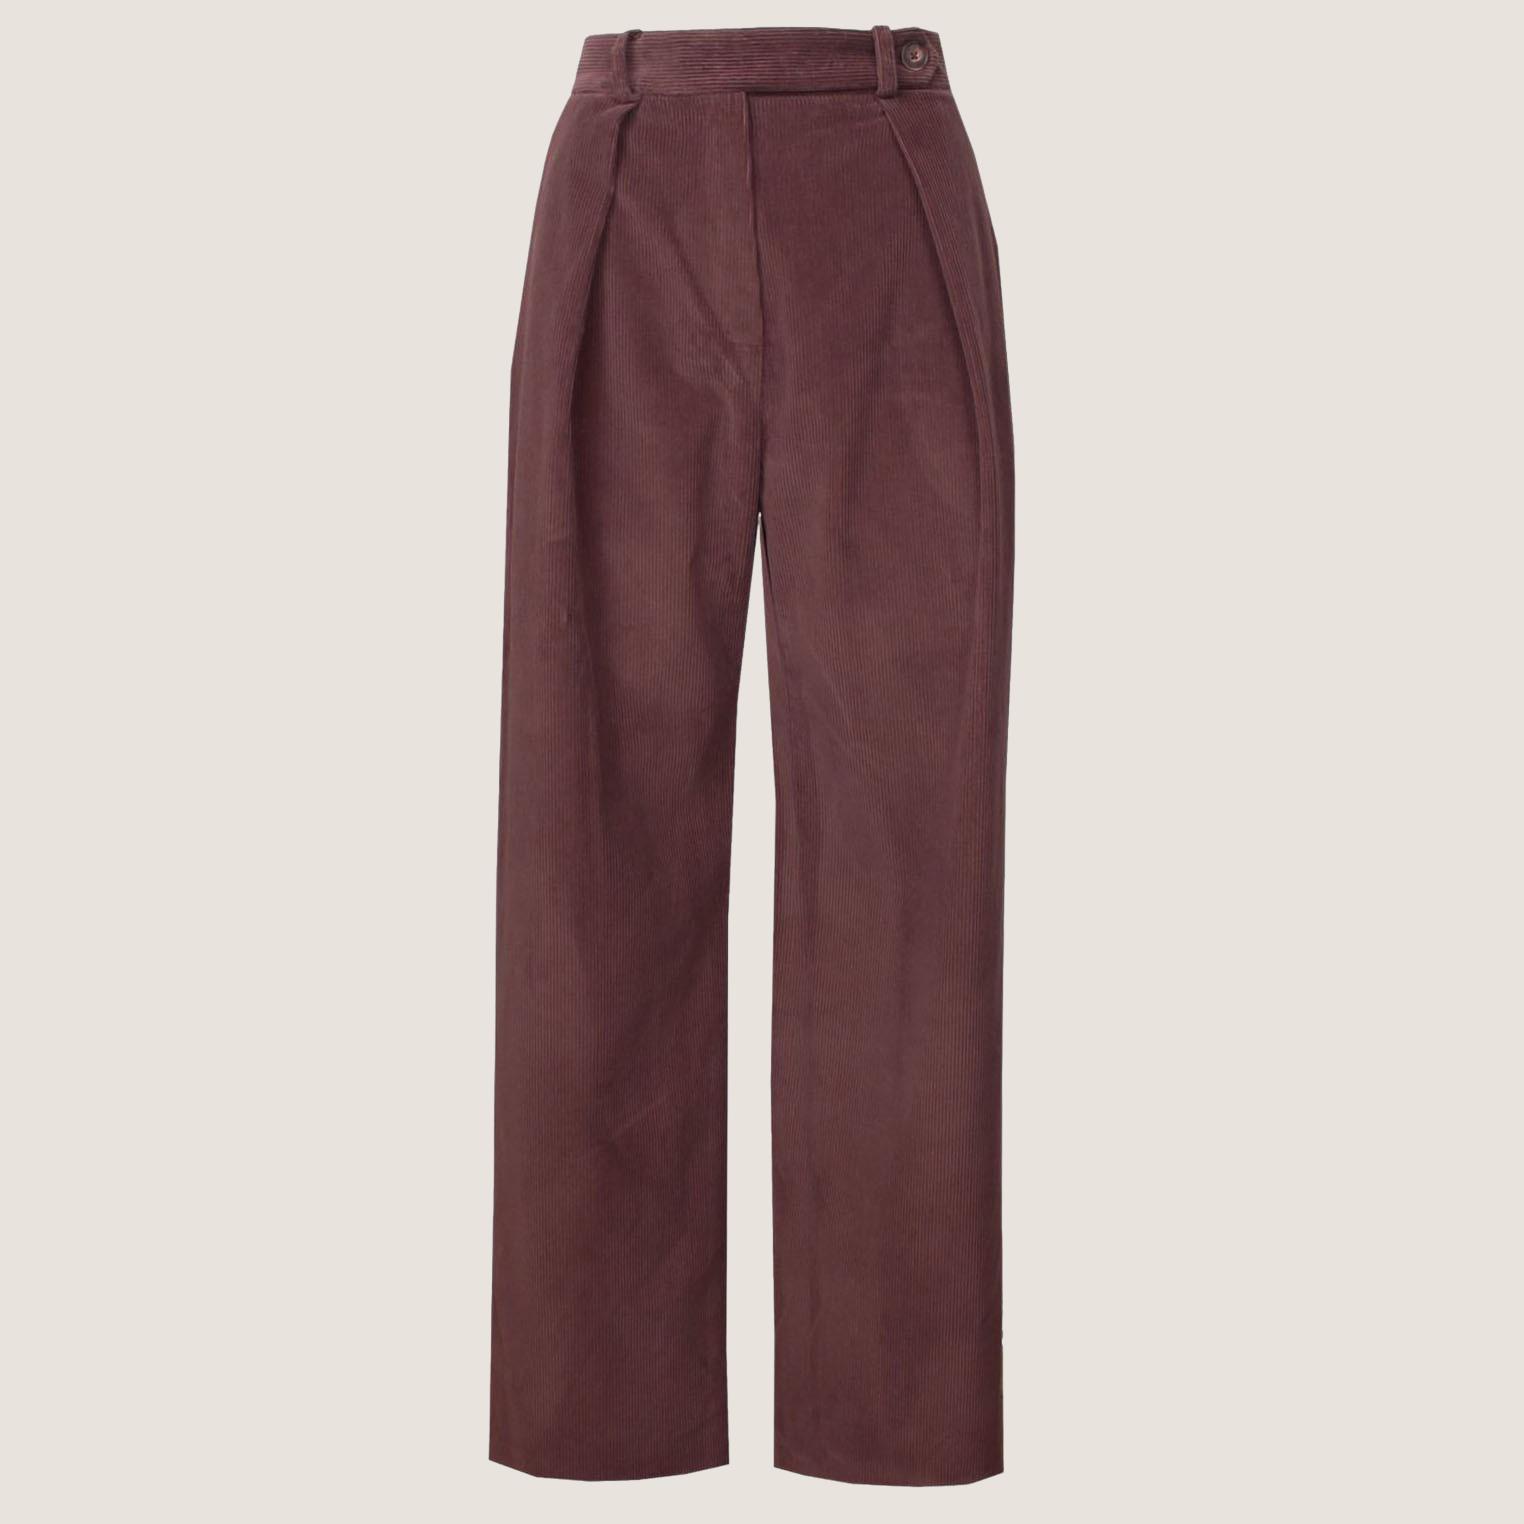 Kope Corduroy Pants